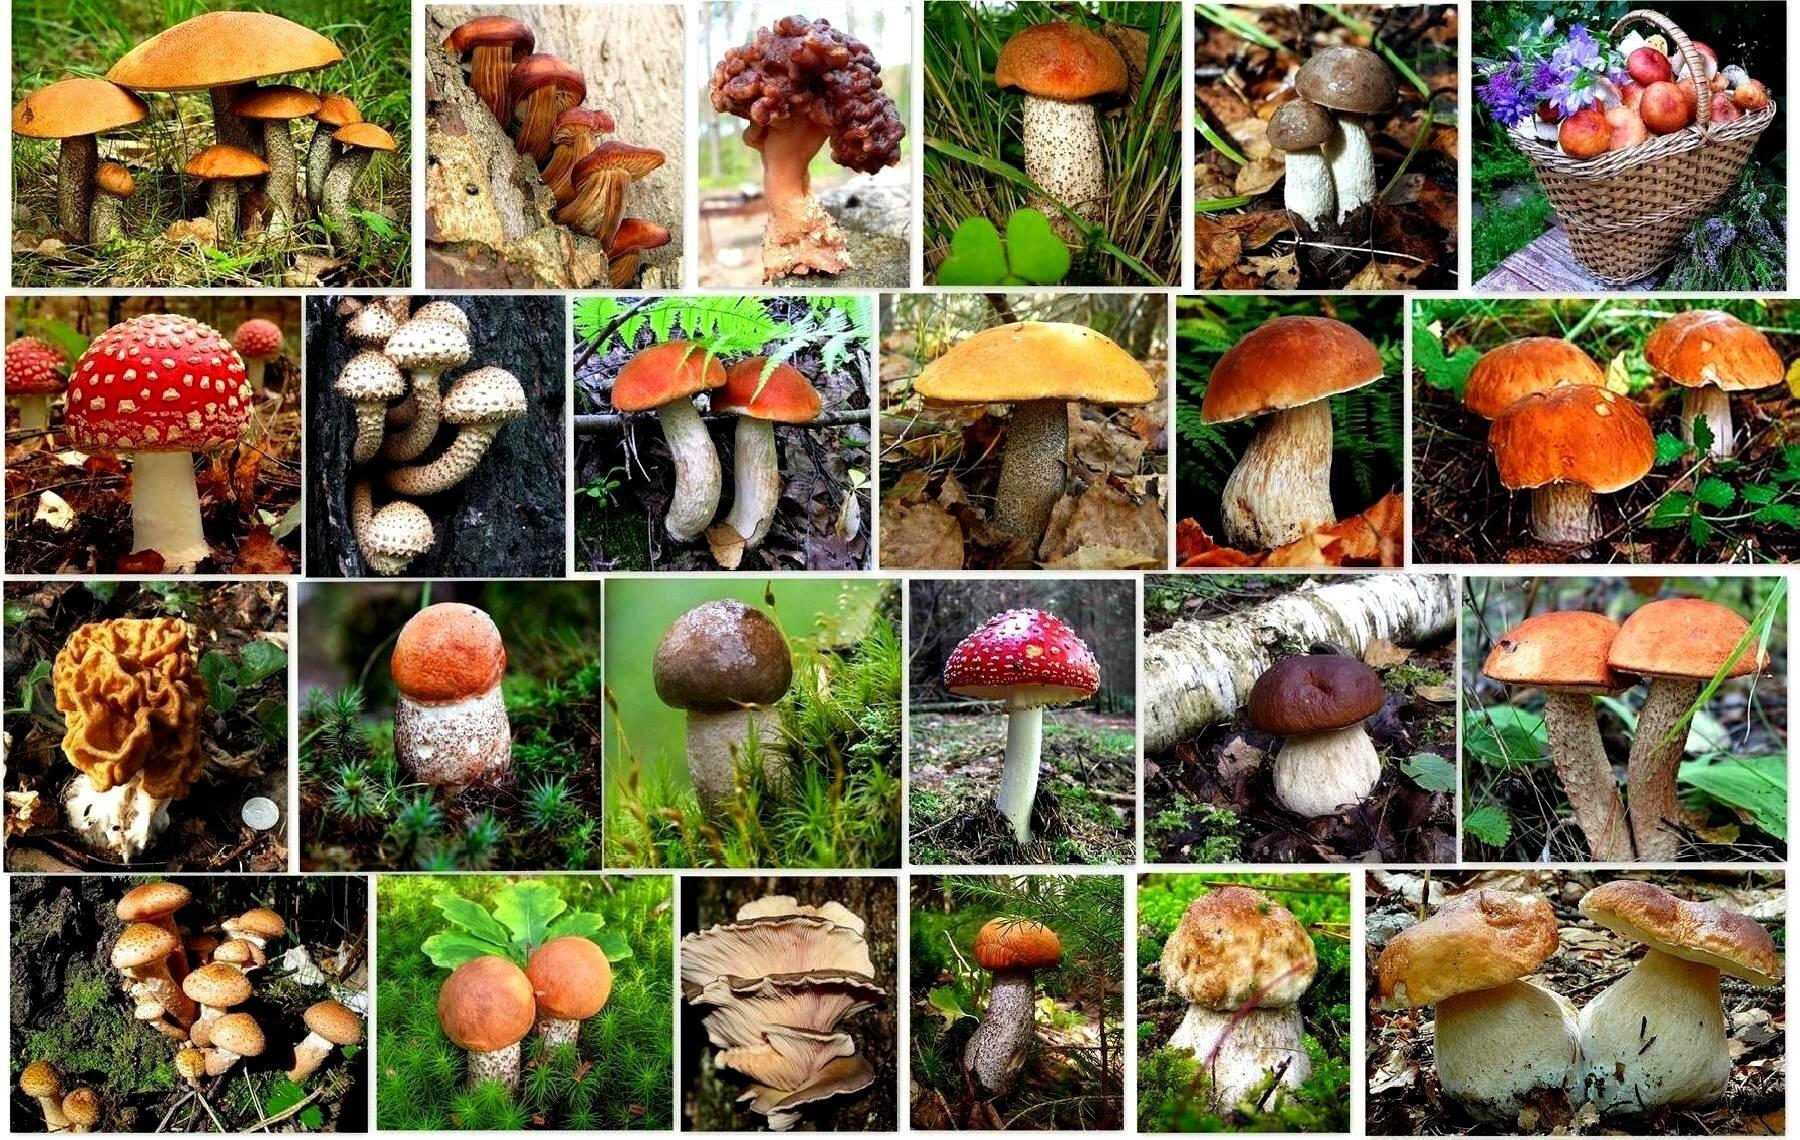 правило, новички показать все съедобные грибы в картинках него